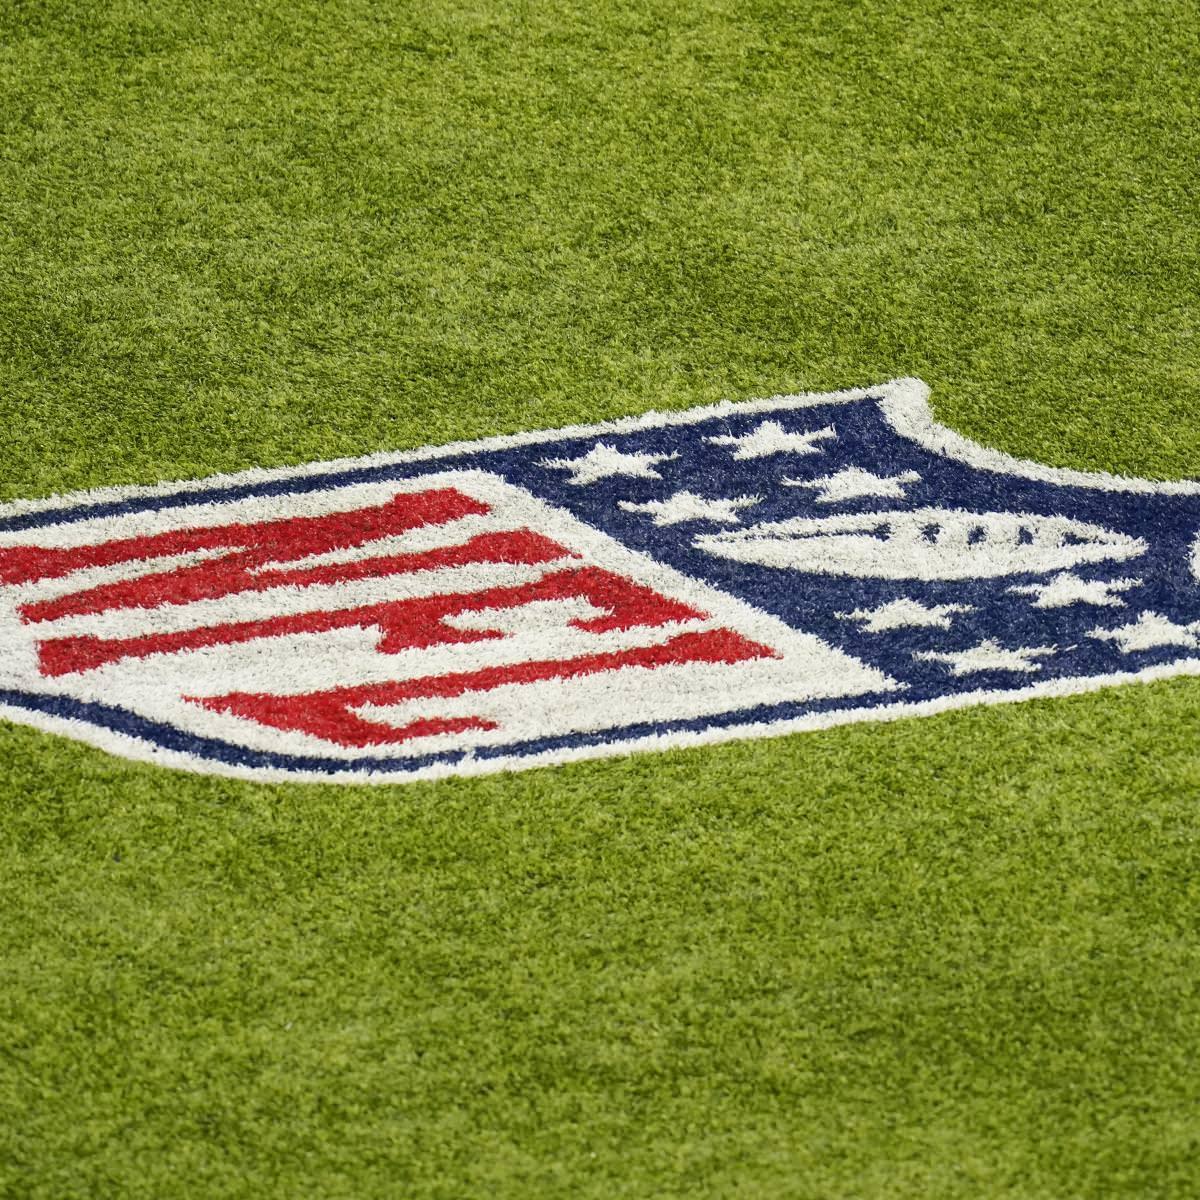 Relatório: Proprietários da NFL discutirão a expansão da temporada para 17 jogos na reunião de quarta-feira